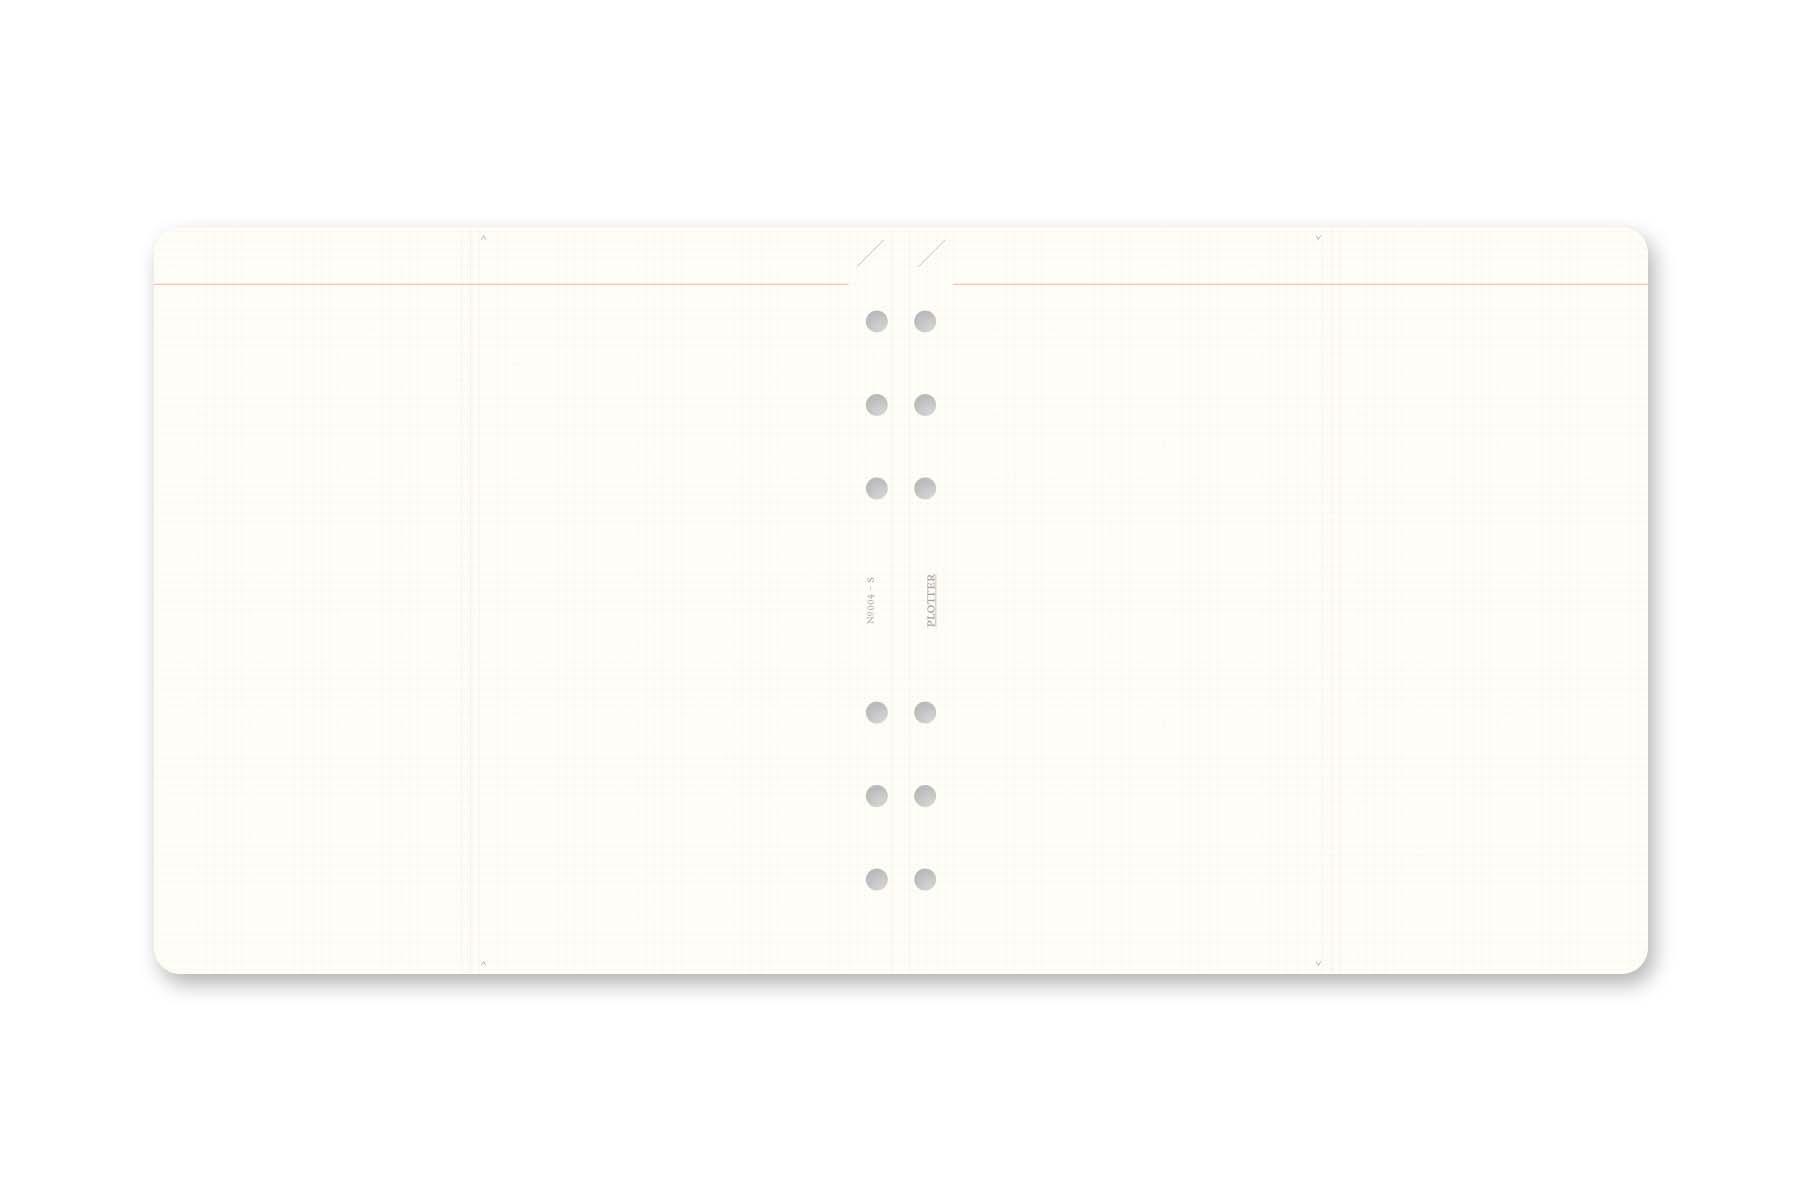 オンラインショップ限定 リフィルメモパッド 2mm方眼 スクエアサイズ(89992797)